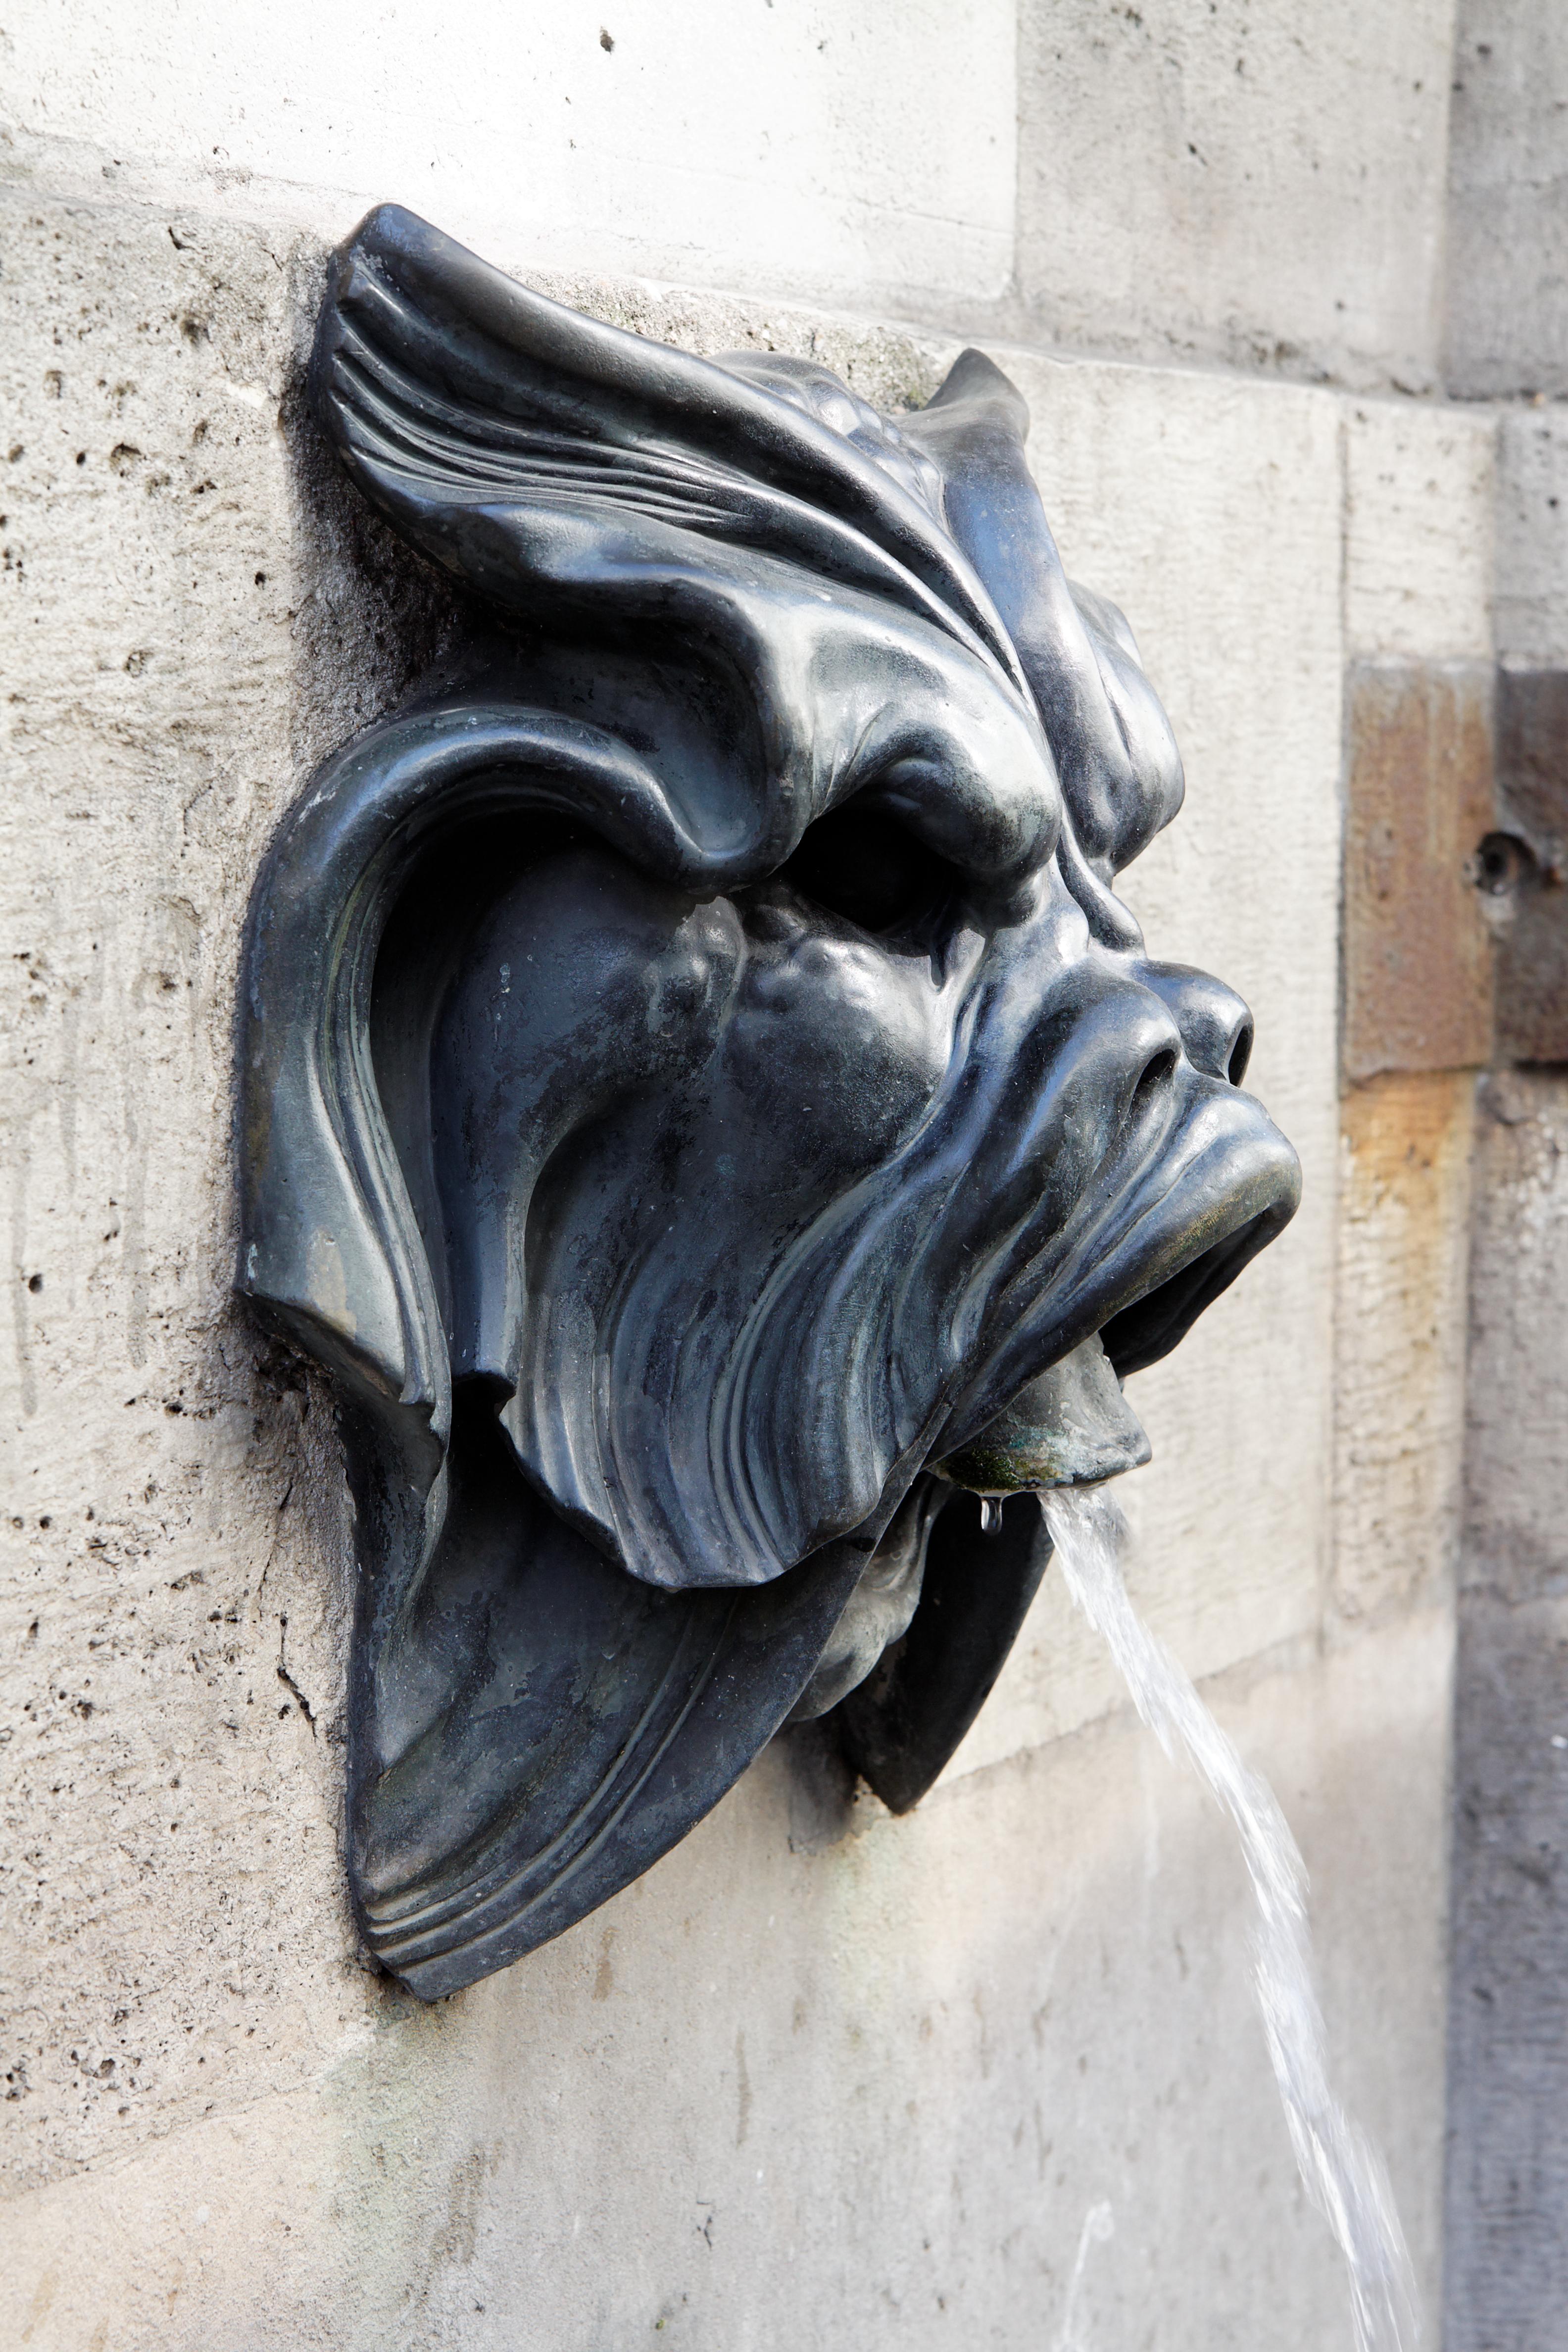 https://upload.wikimedia.org/wikipedia/commons/a/a8/Paris_-_Fontaine_des_Quatre-Saisons_-_59_rue_de_Grenelle_-_007.jpg